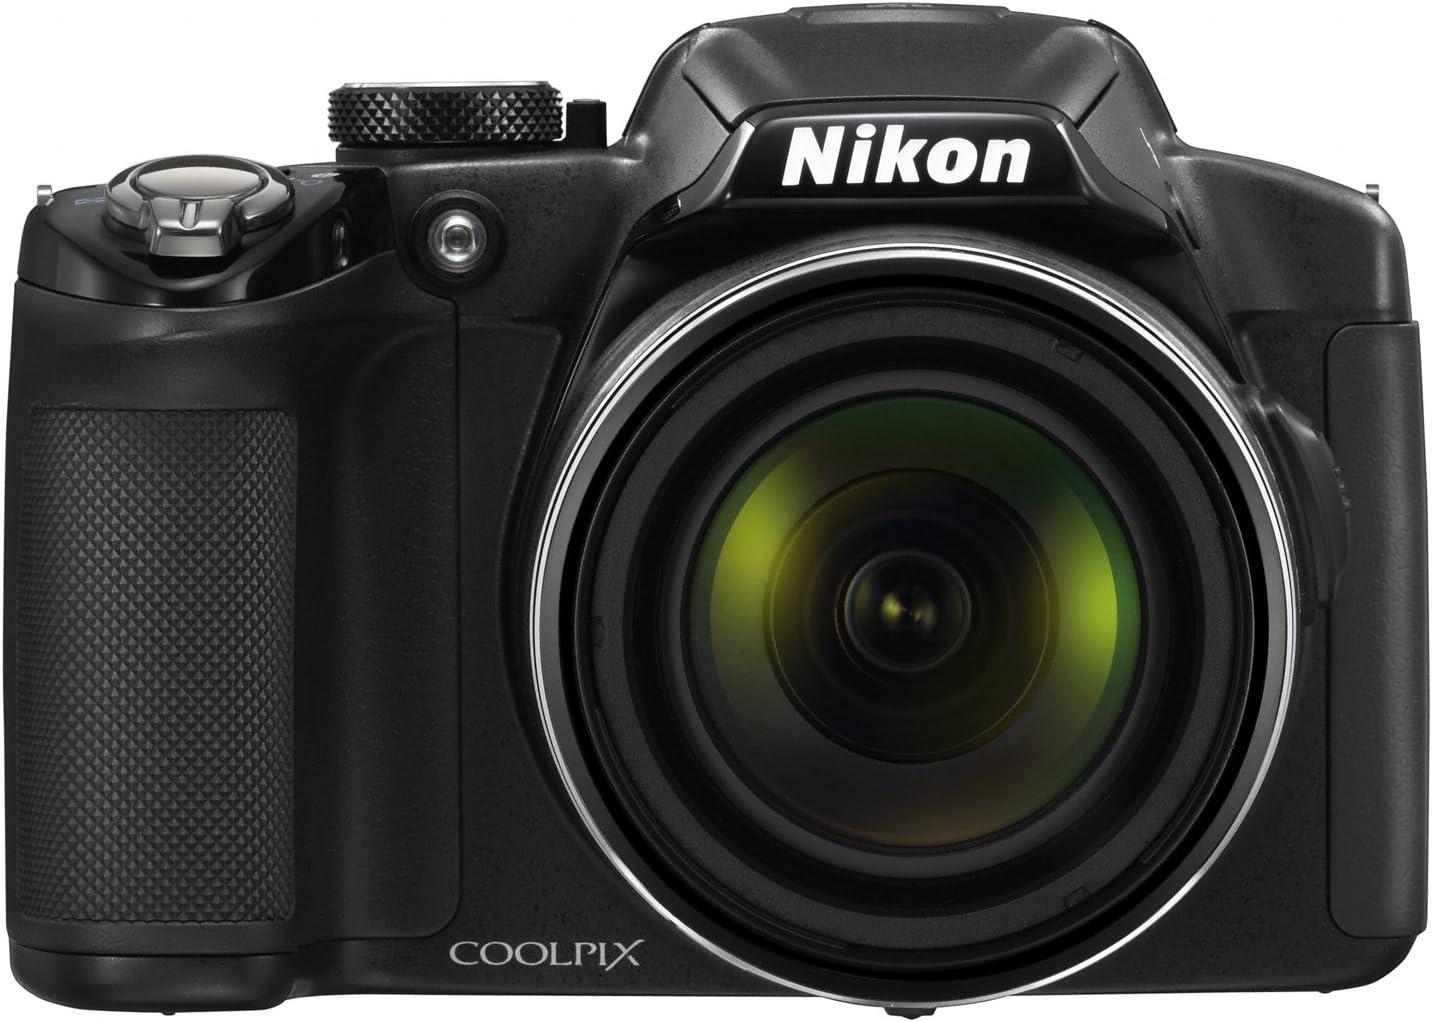 Nikon Coolpix P510 - Cámara compacta de 16.1 MP (Pantalla articulada de 3